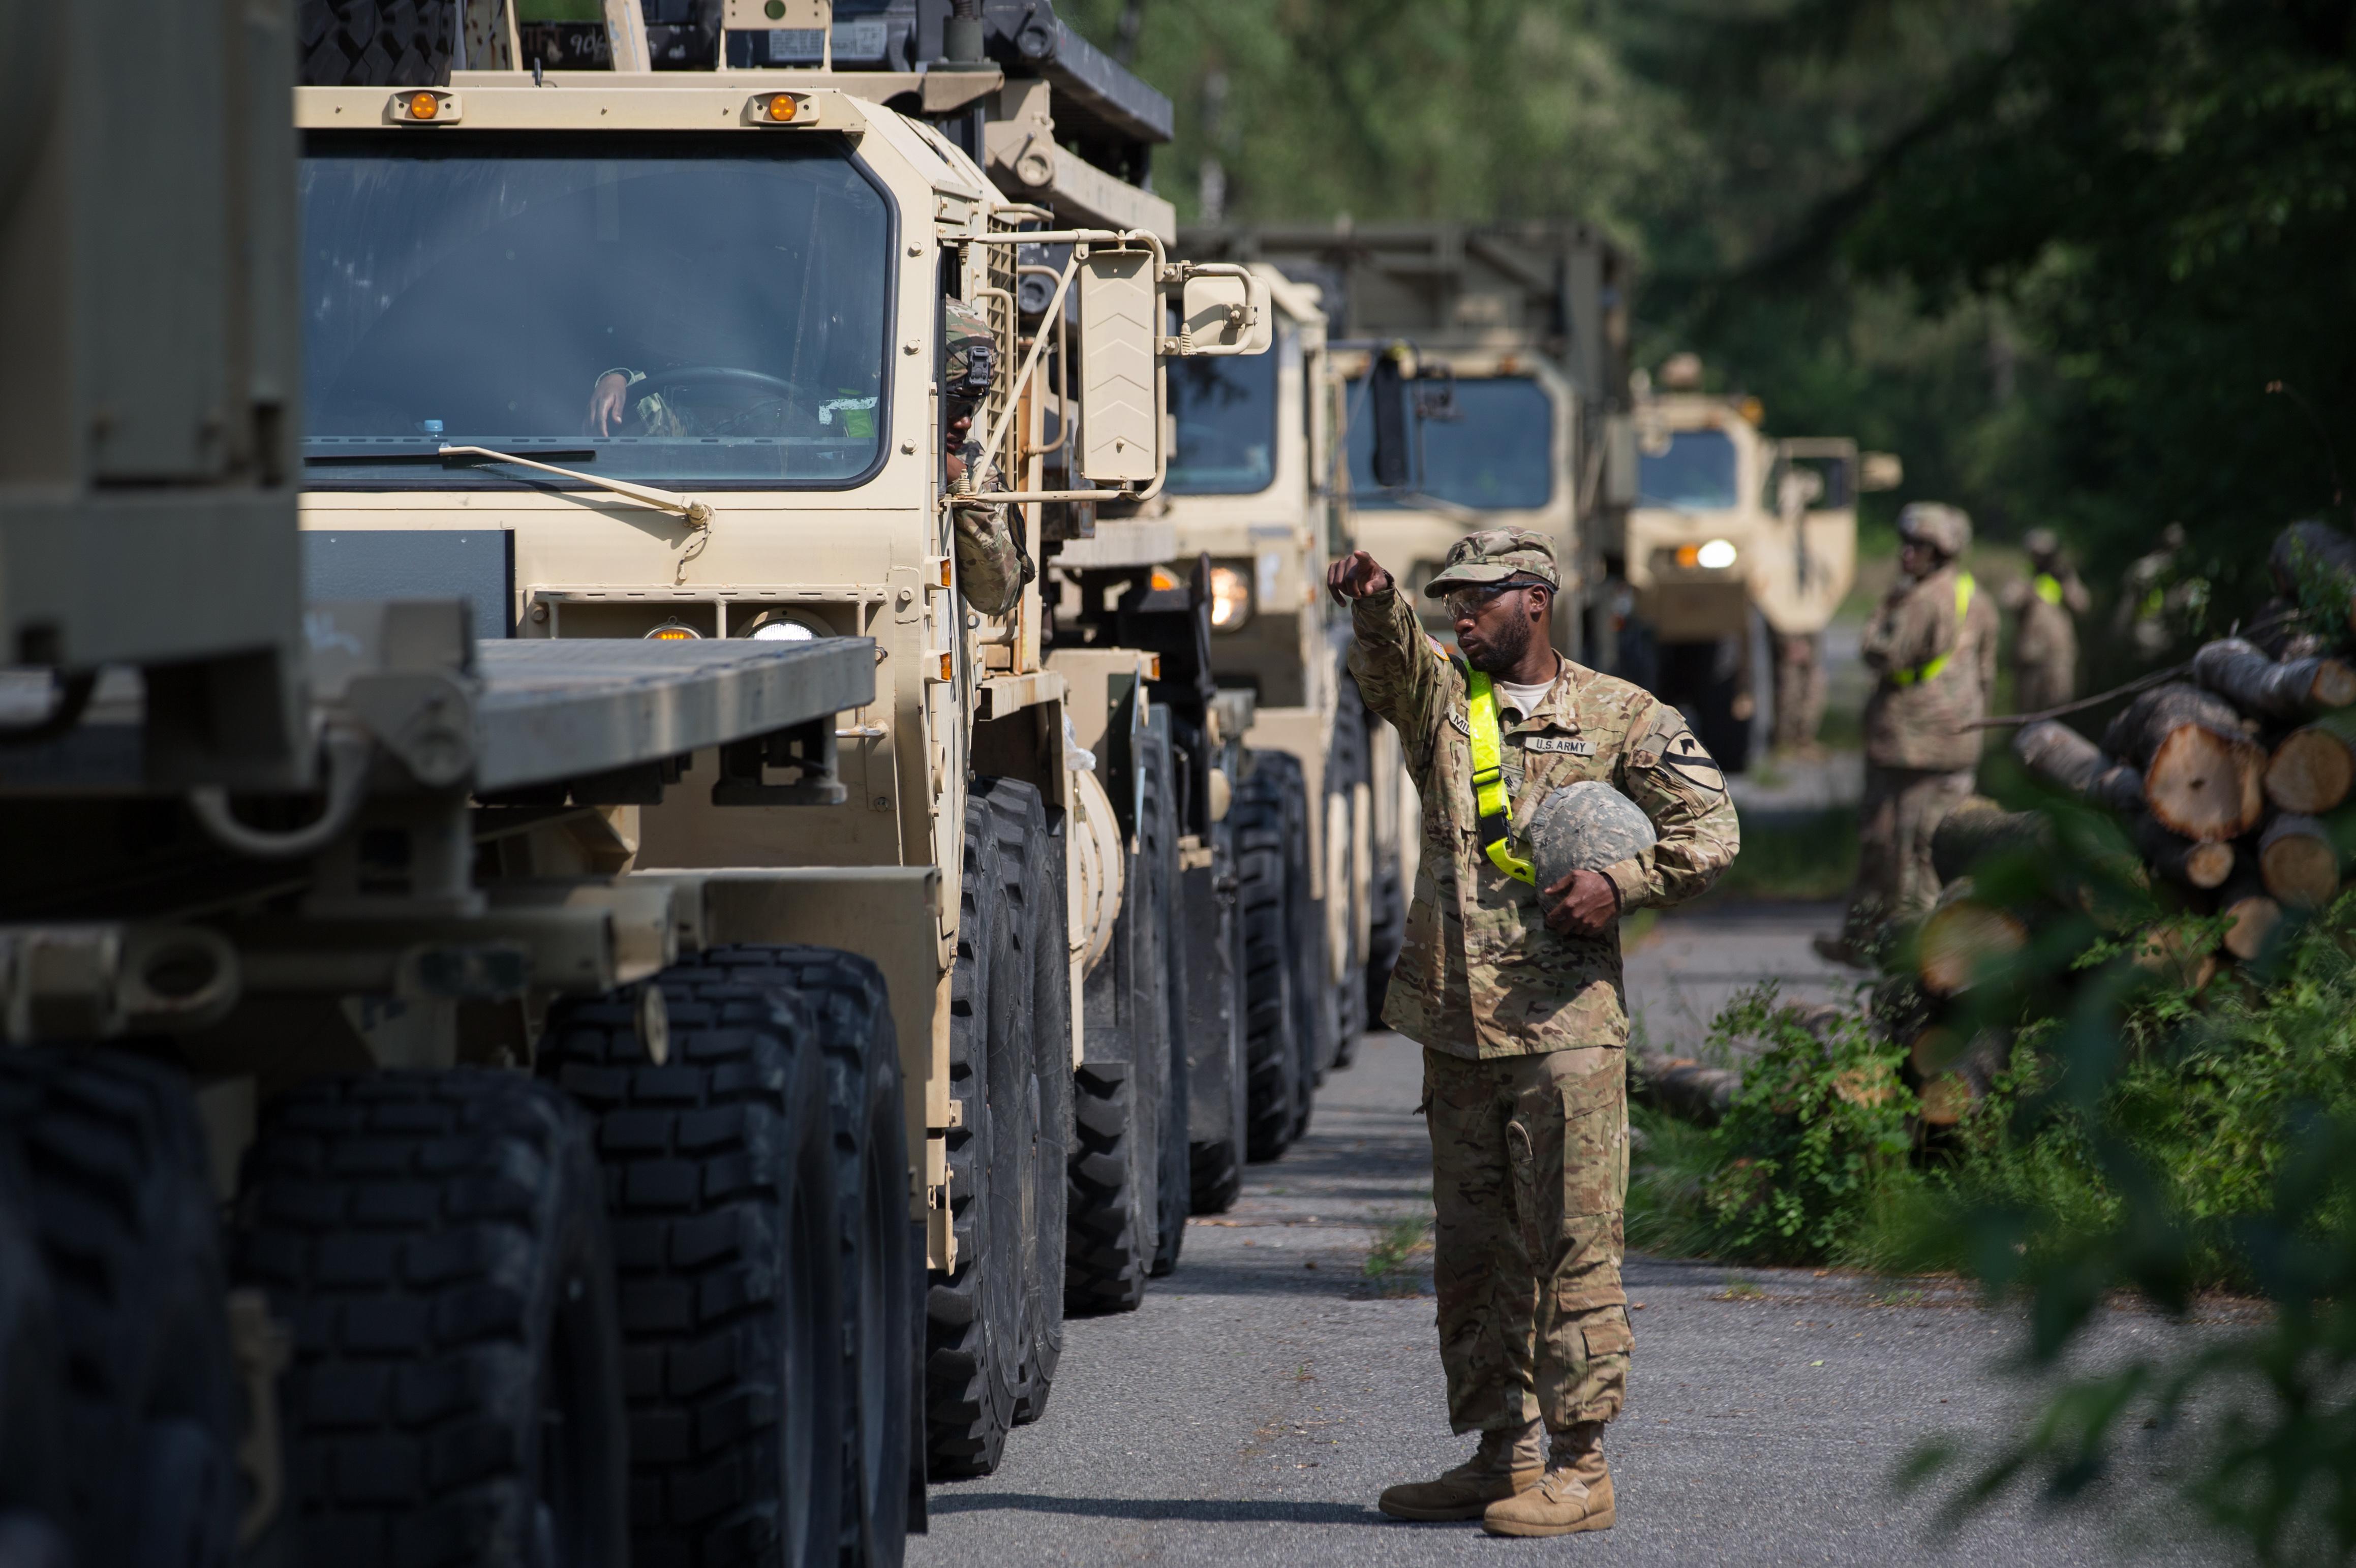 A Washington Post szerint a Németországban állomásozó katonák kivonását mérlegeli a Pentagon